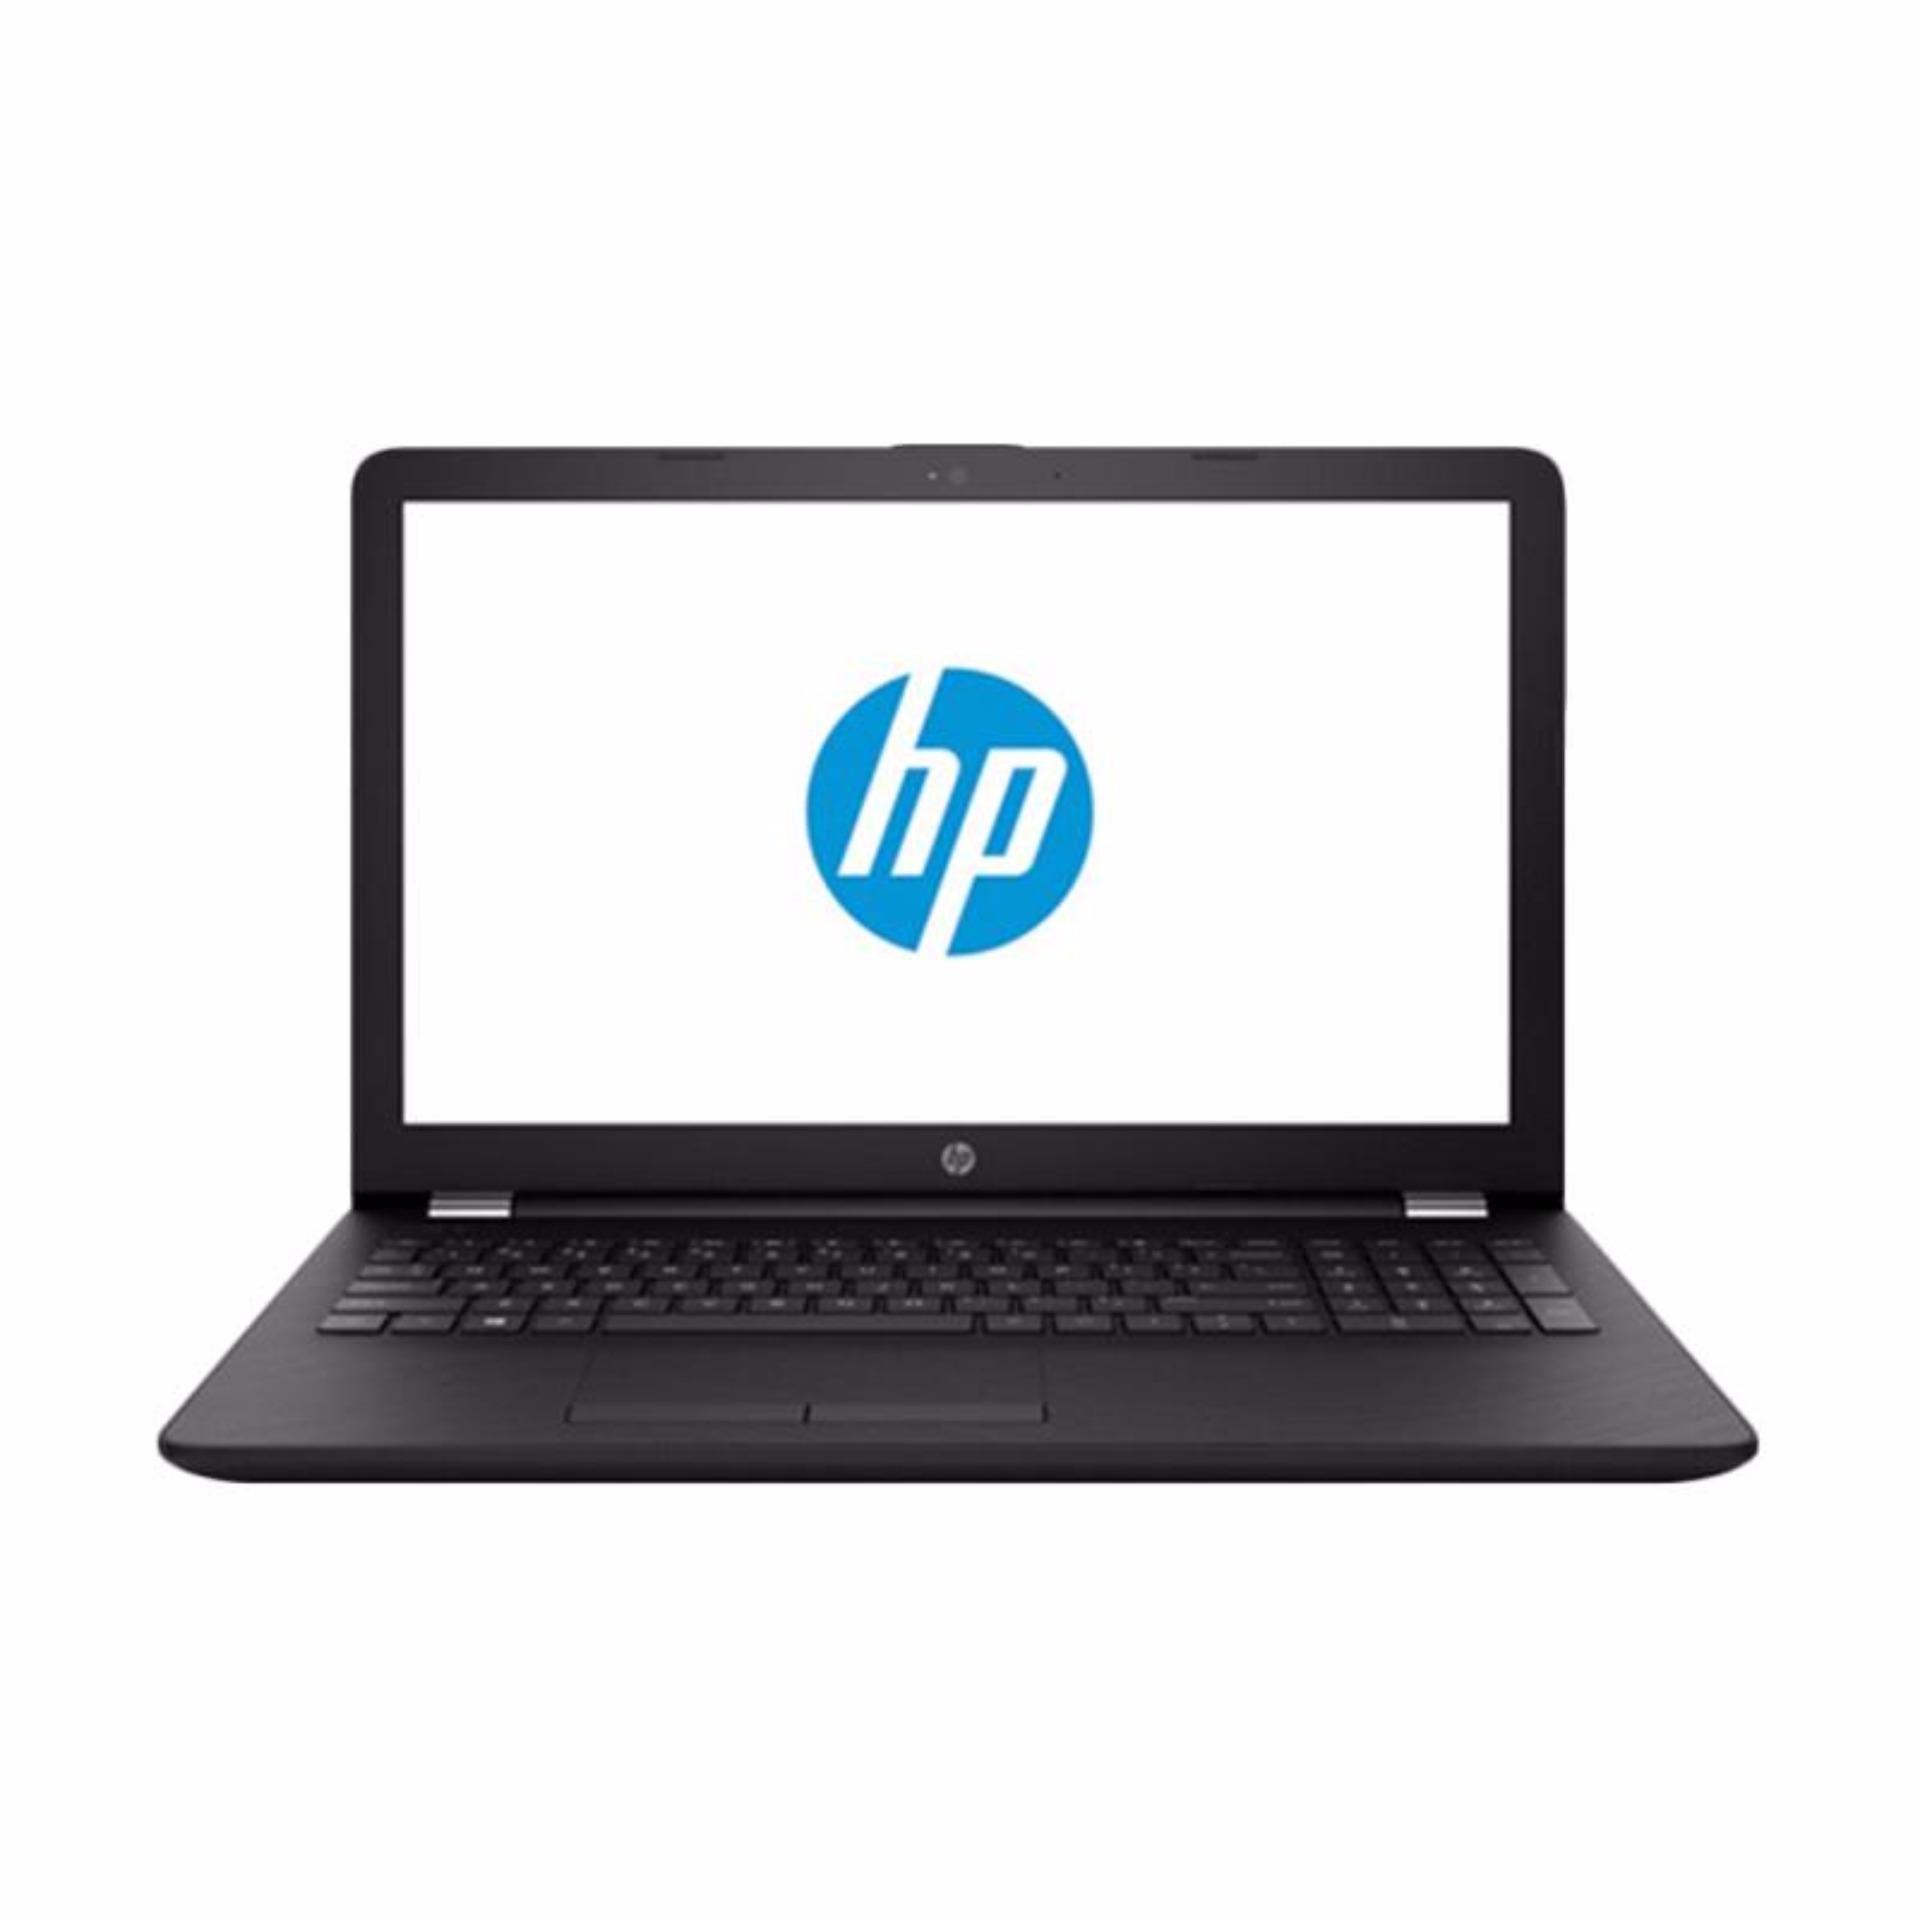 HP 15-BW068AX Notebook - Black [A10-9620P/ 8GB/ 1TB/ AMD RADEON 530 2GB/ 15.6 Inch/ WIN 10]